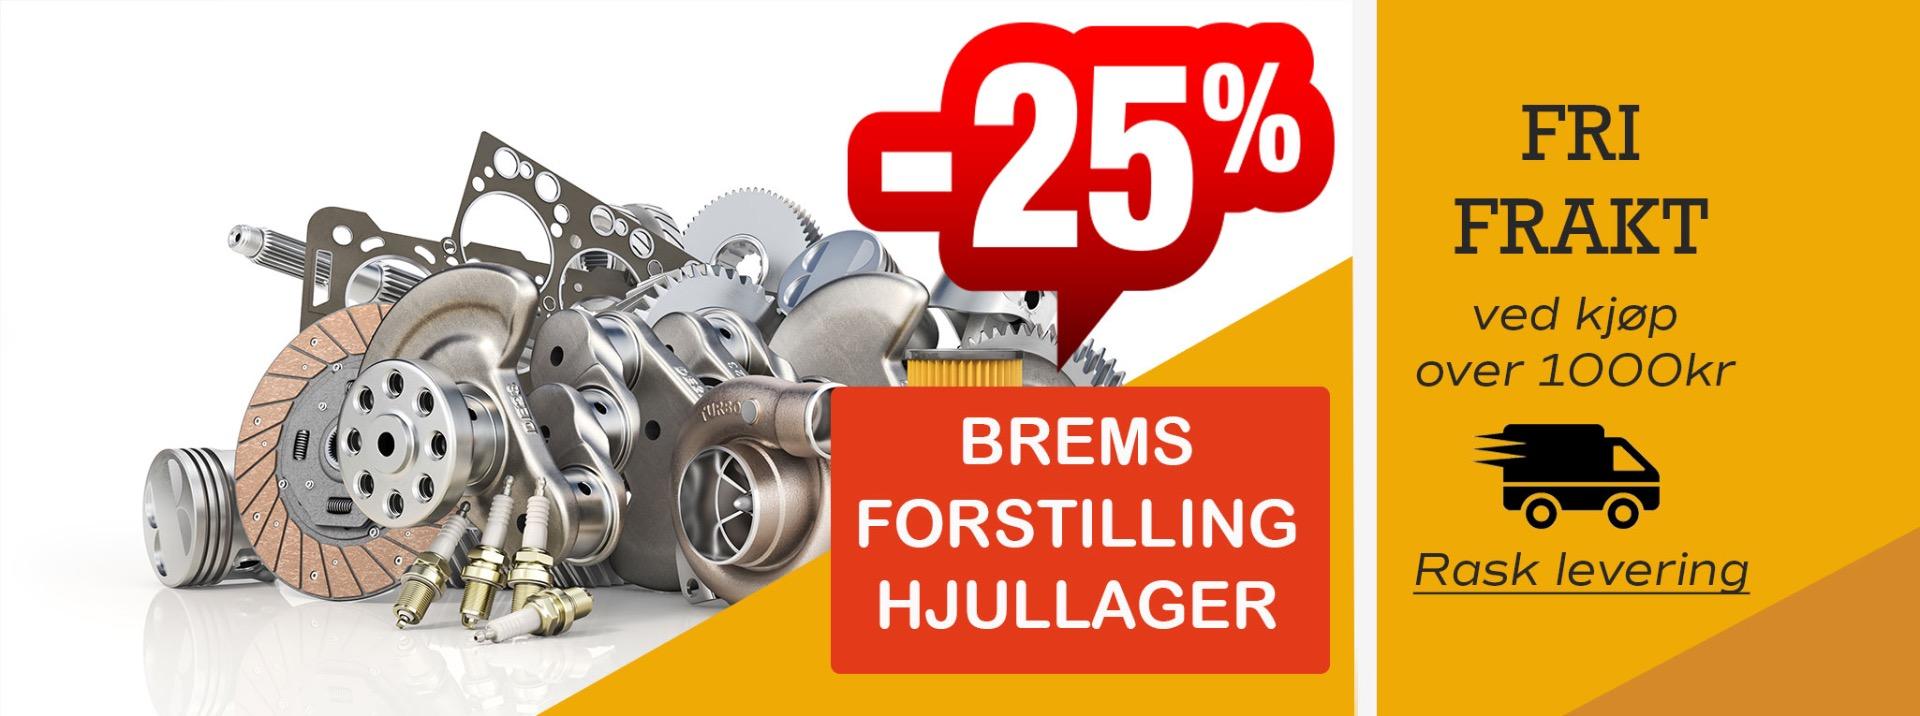 Banner med info om fri frakt på Norgesdel samt 25 % på masse deler